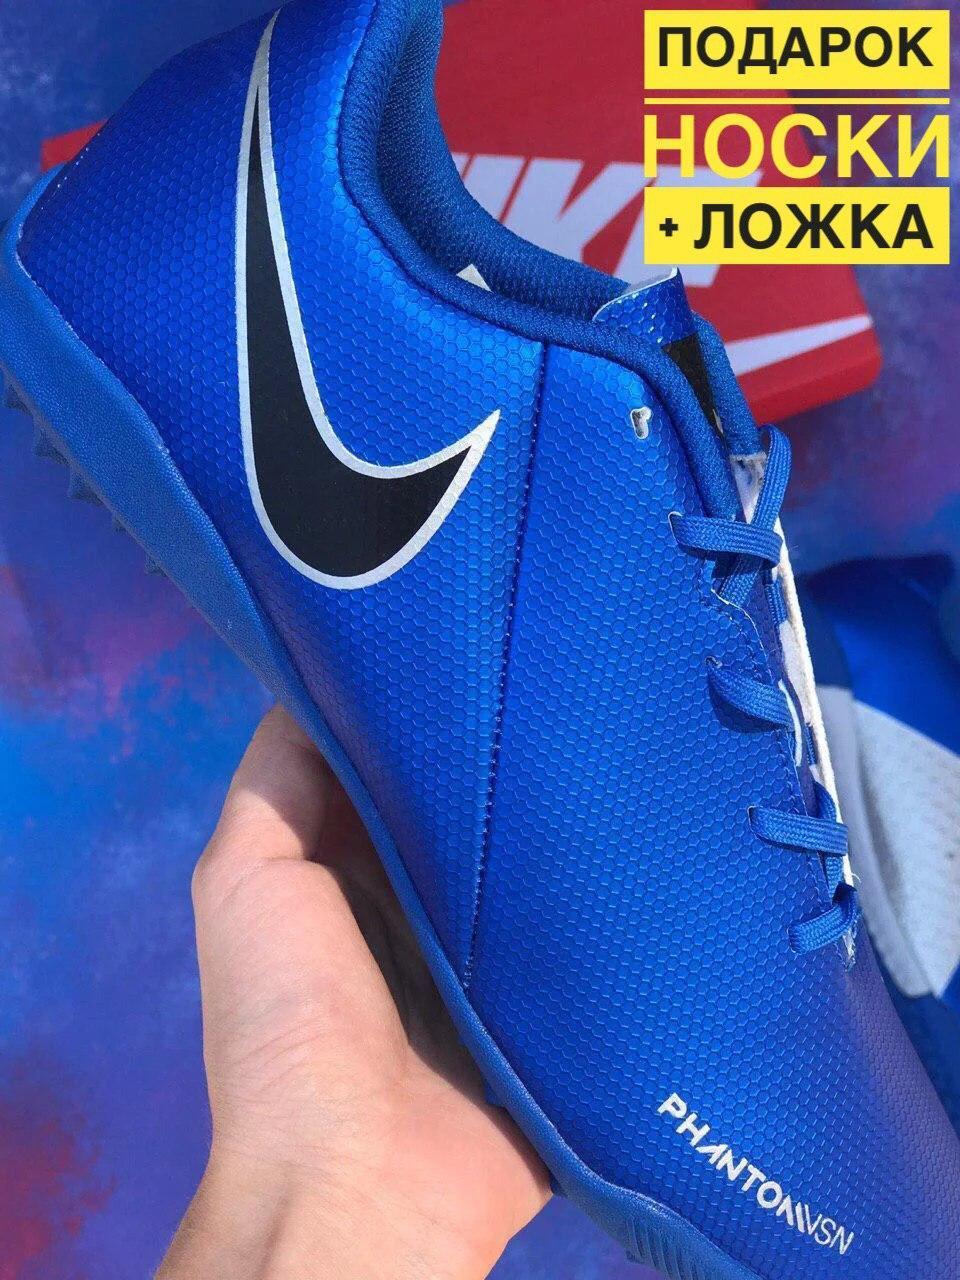 Сороконожки Nike Phantom Vision / бампы / футбольная обувь / найк фантом /многошиповки